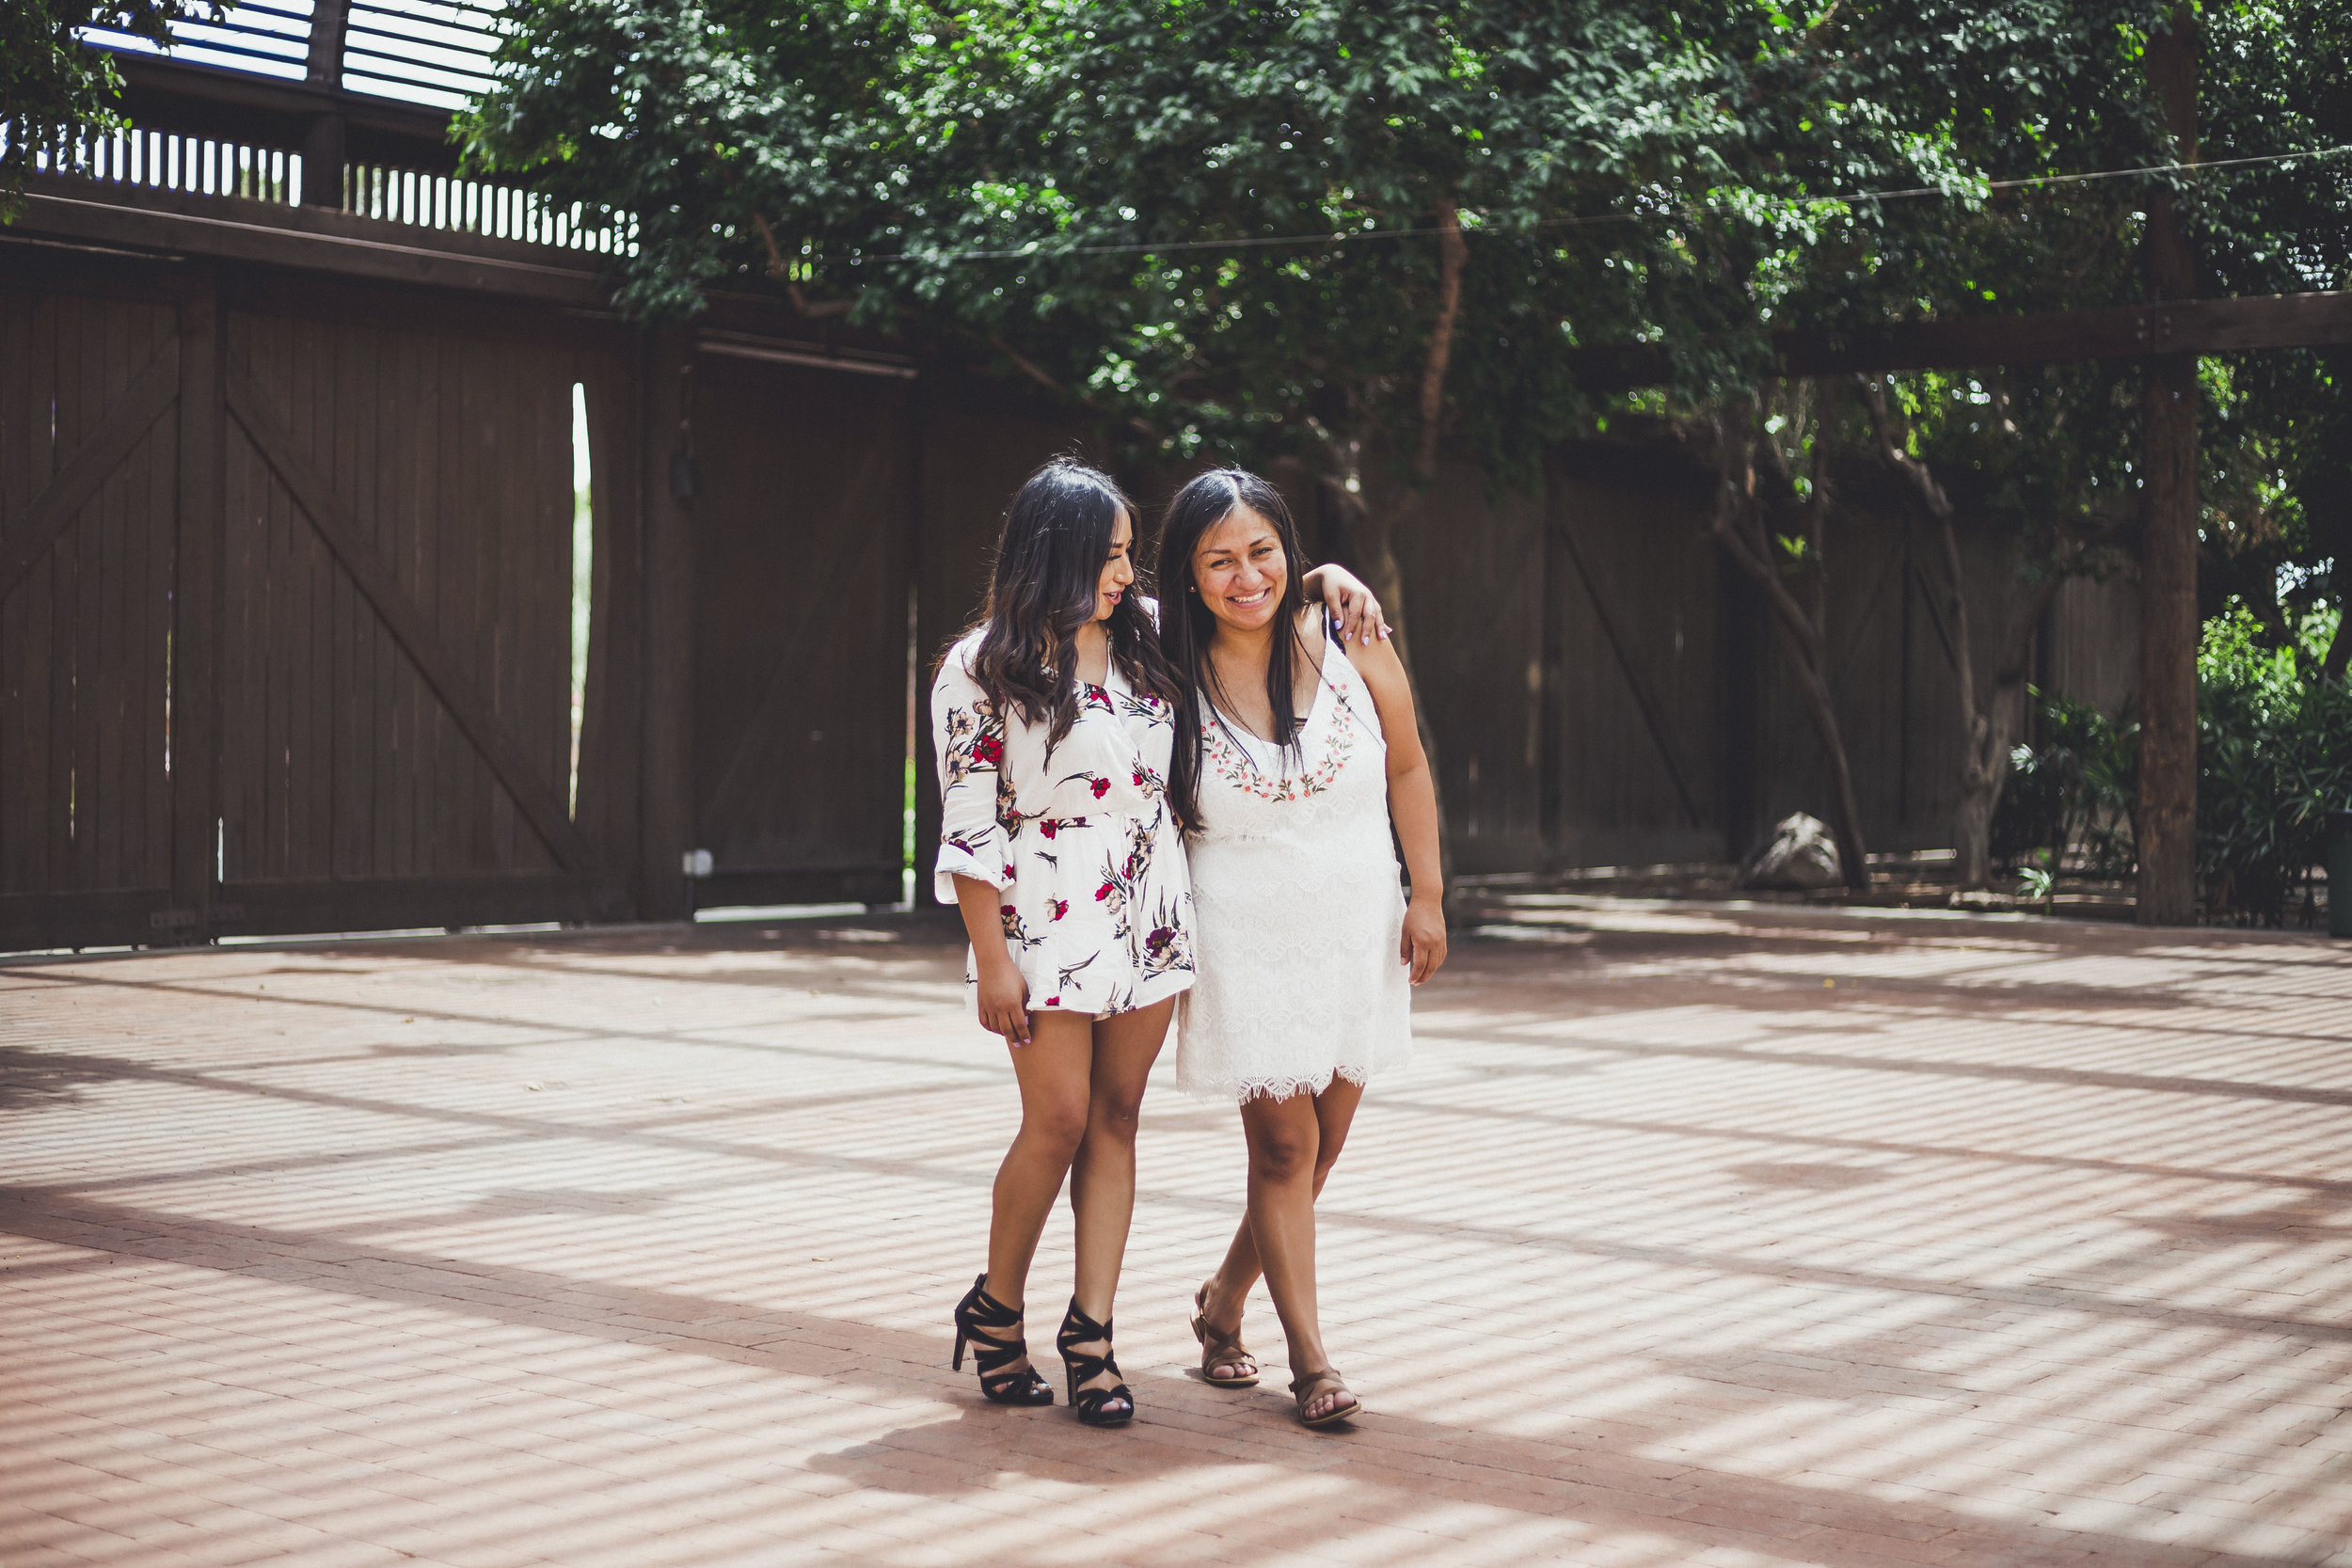 05-02-2019 Blanca y Laura Grad Portraits_4737.jpg